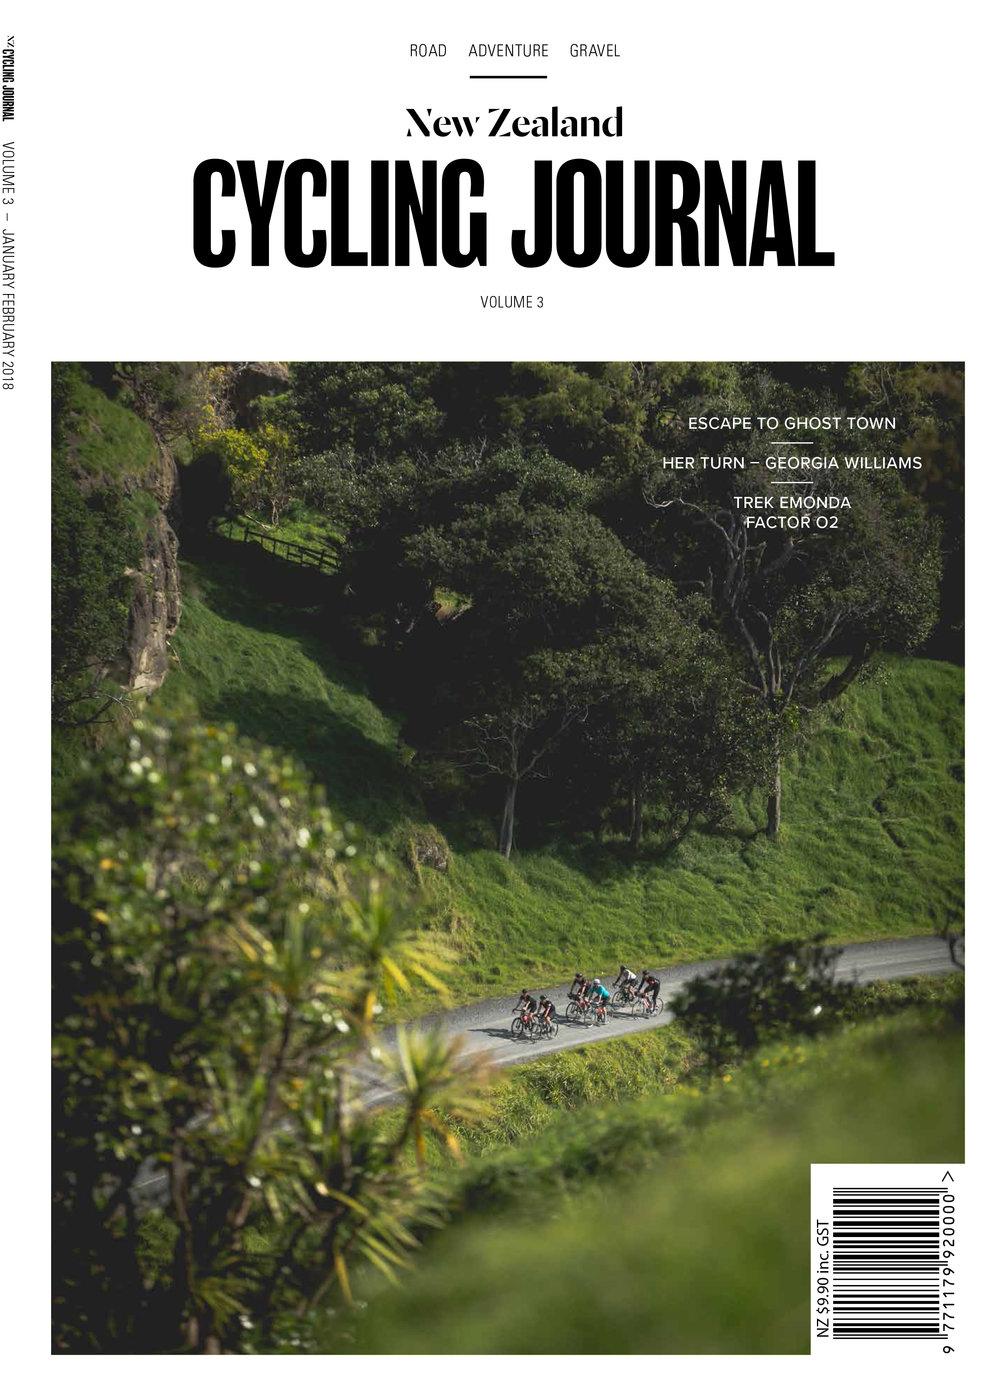 NZ Cycling Journal - Vol.3 Cover.jpg